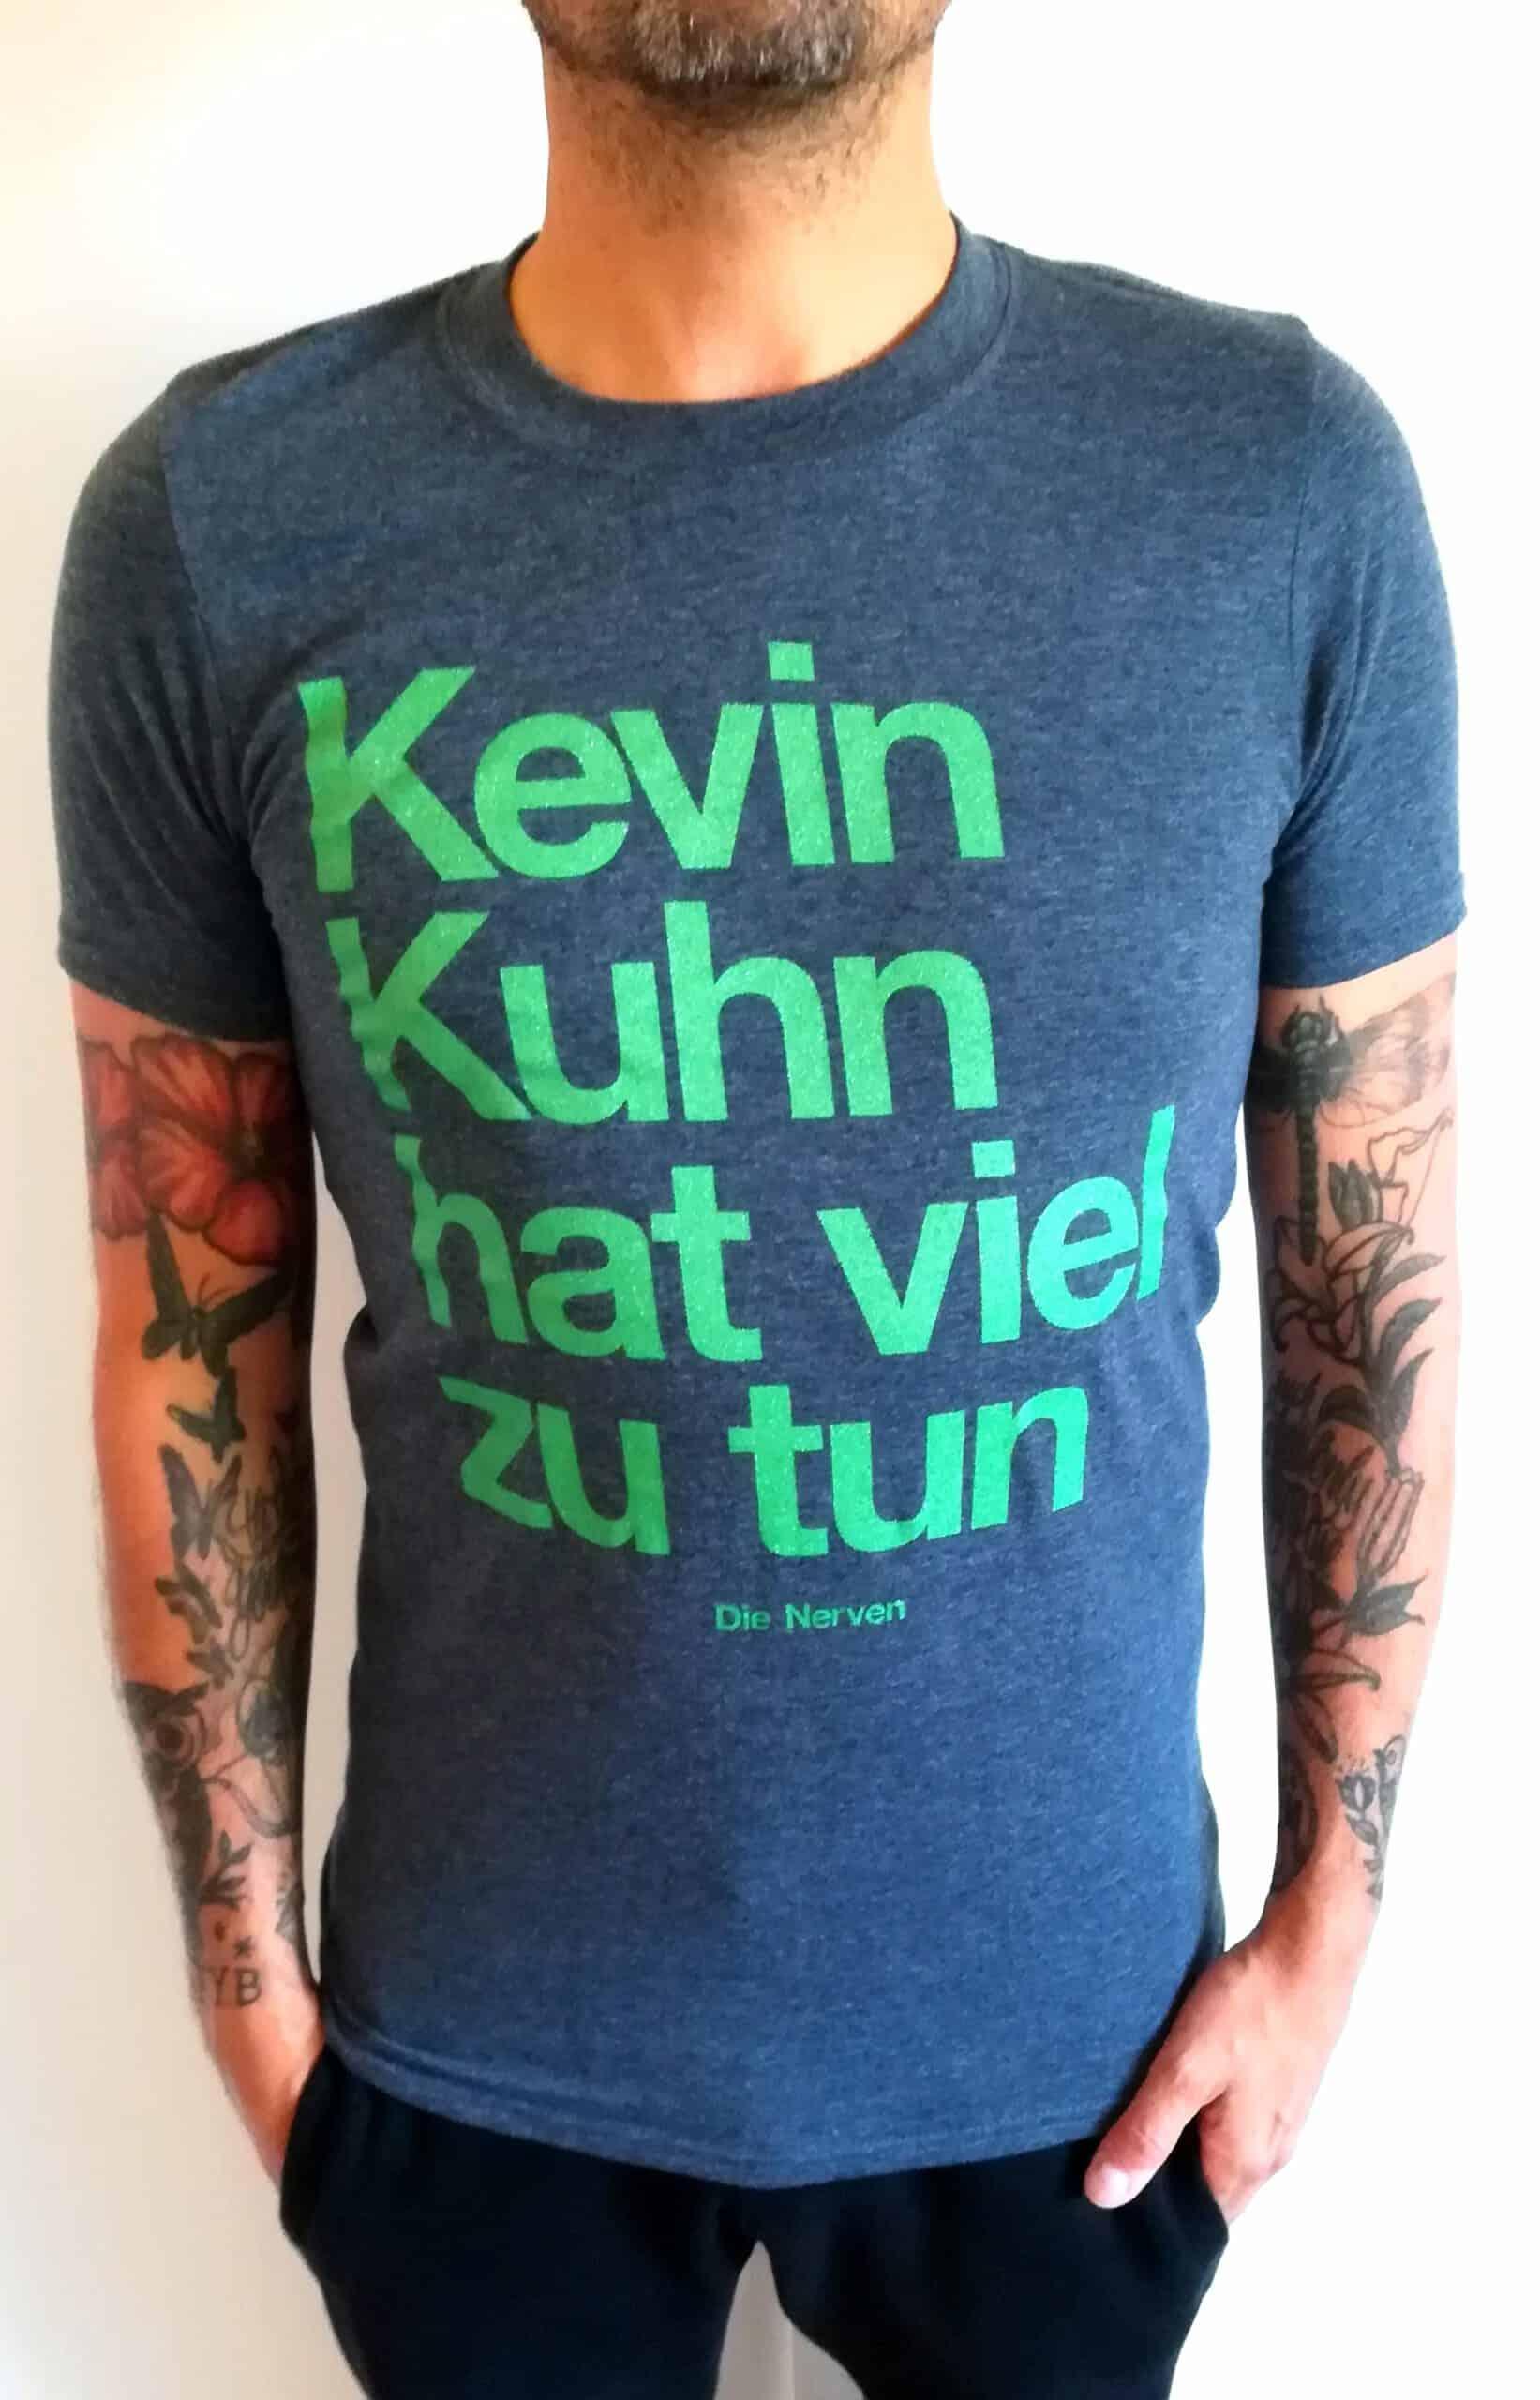 Die Nerven - Kevin Kuhn Shirt